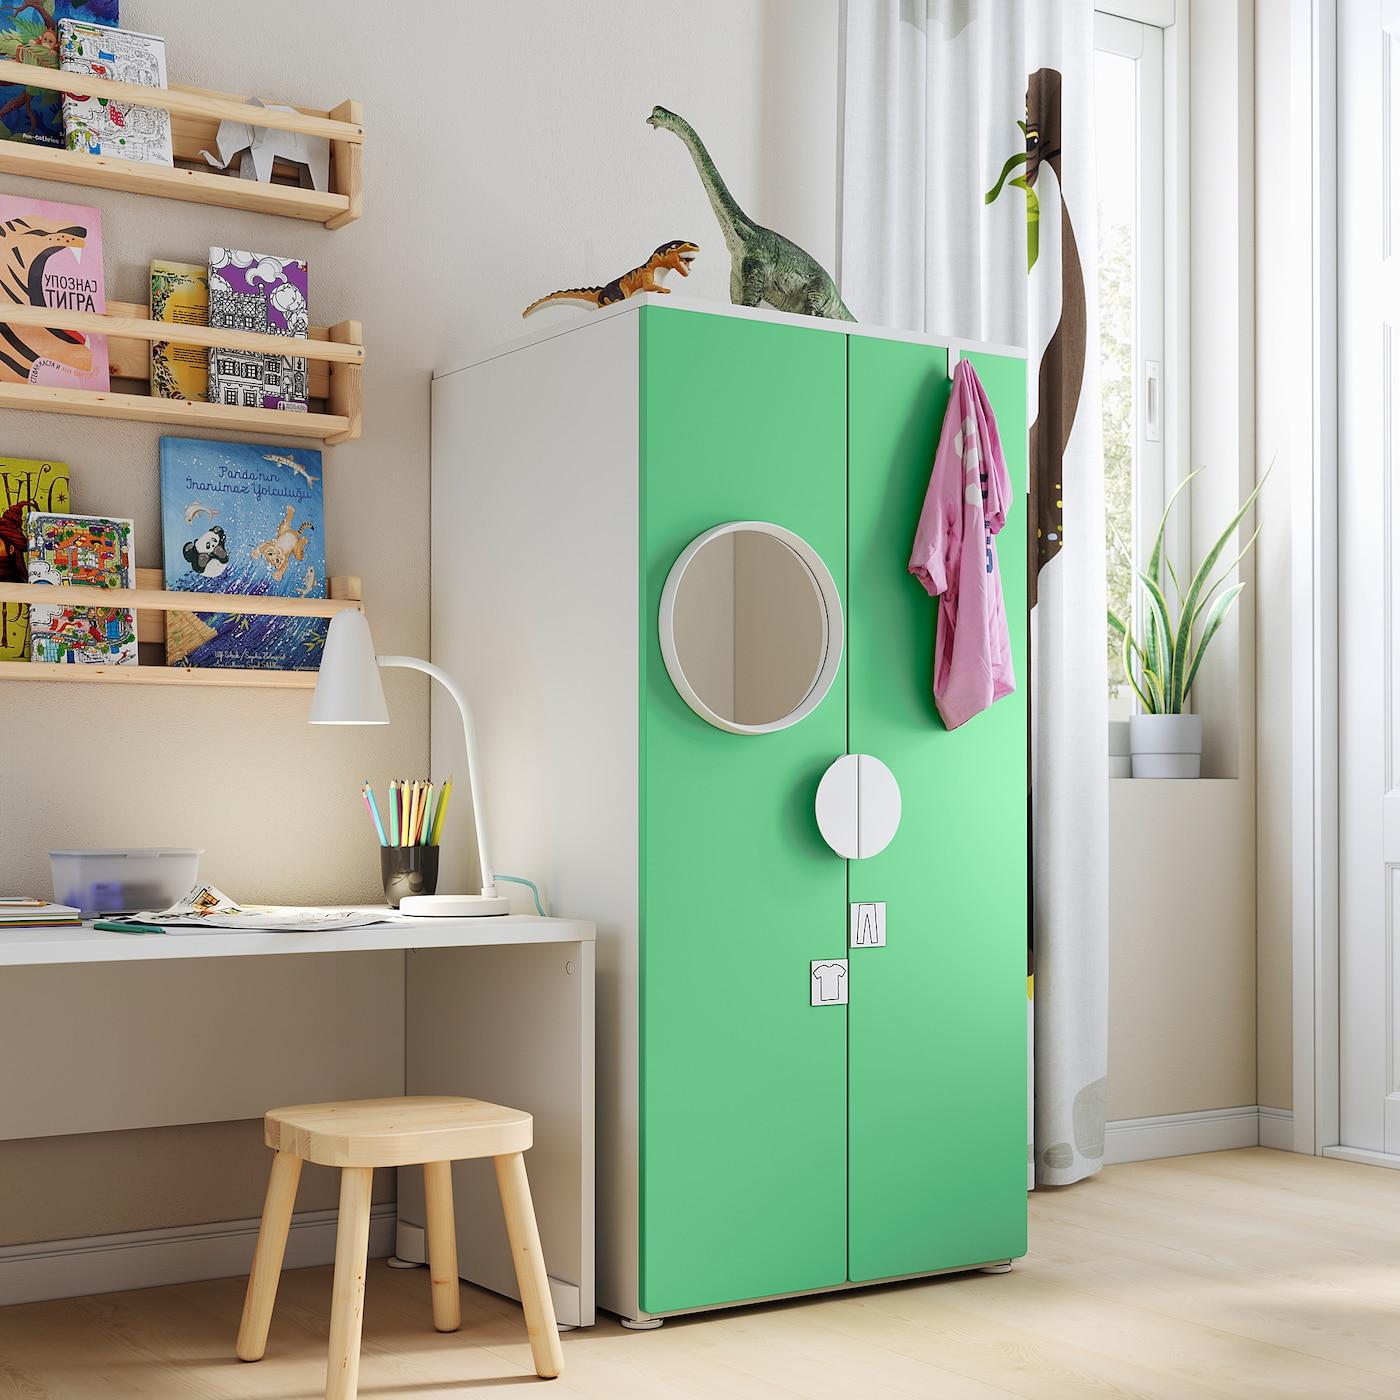 SMÅSTAD / PLATSA Gardrób, fehér/zöld, 60x57x123 cm